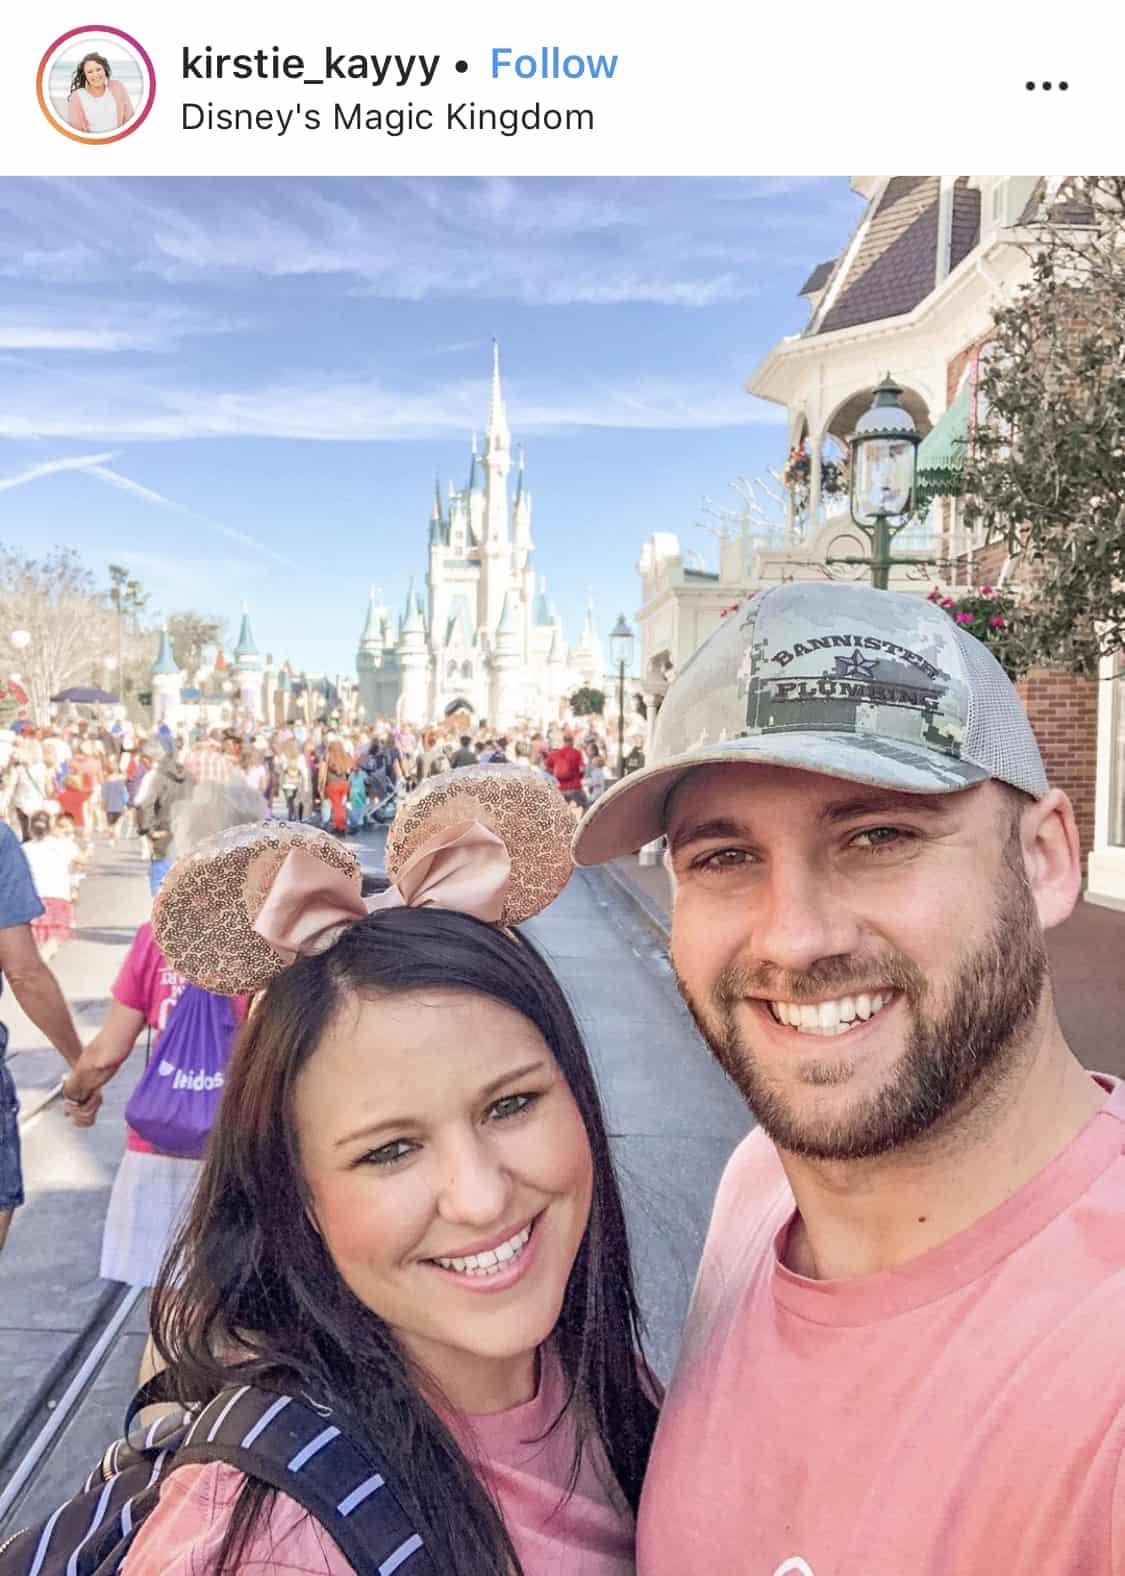 The Best Selfie Spots in Disney World